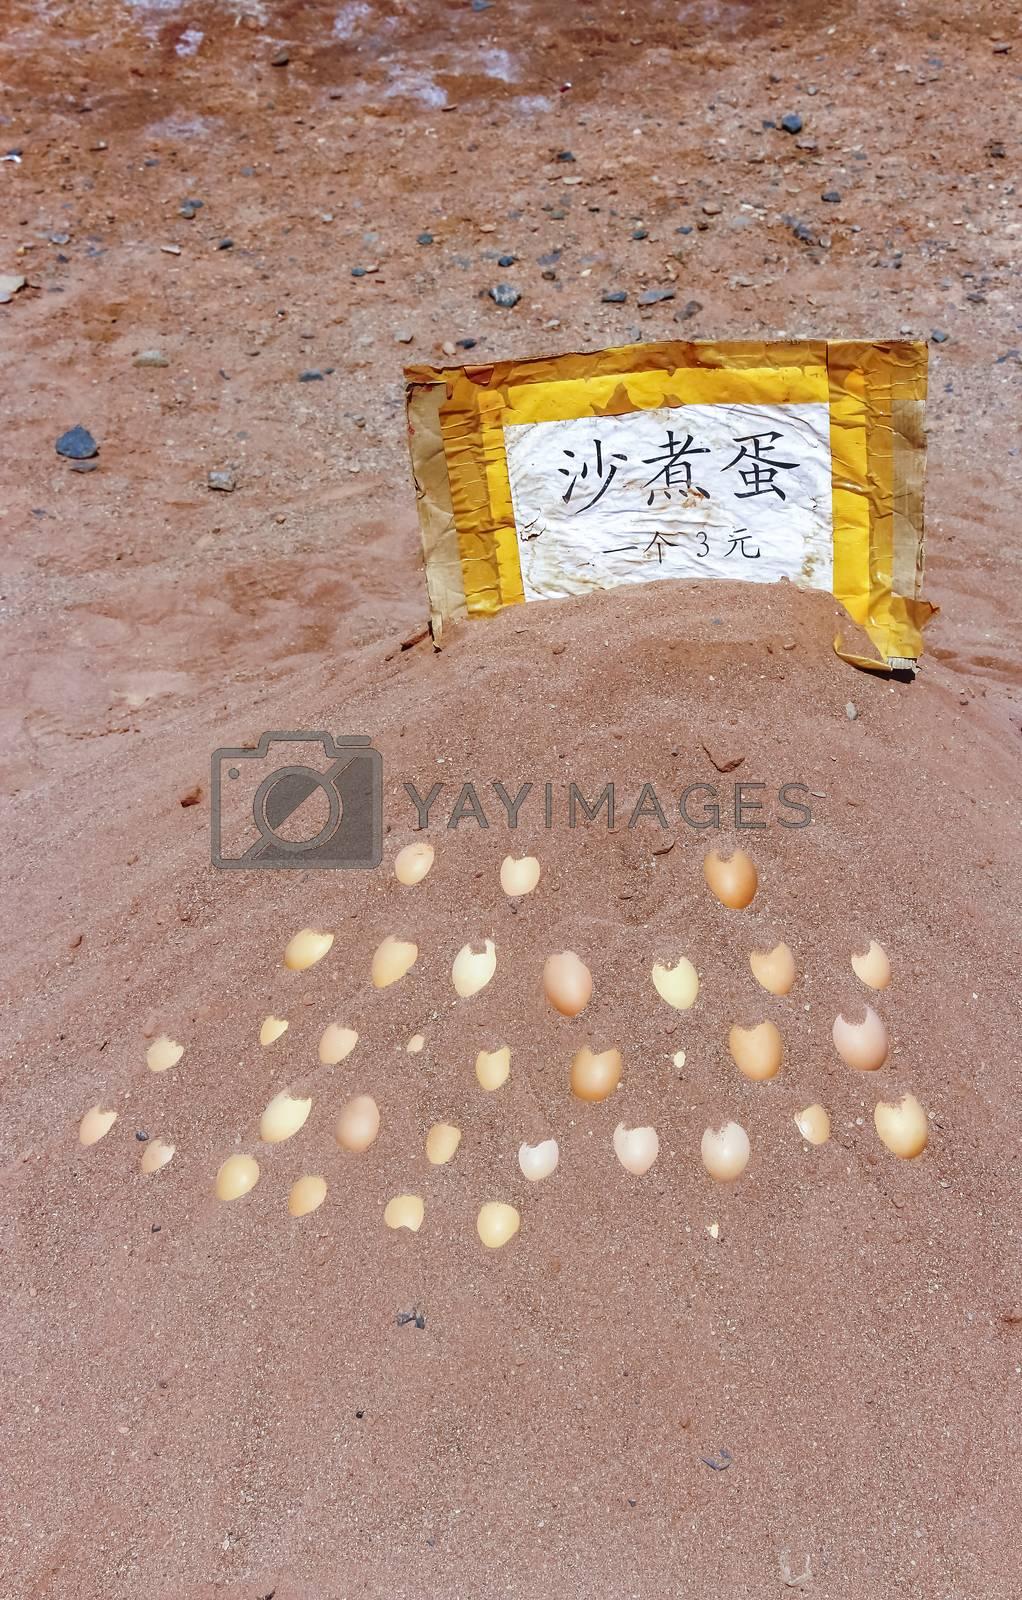 Hard boiled eggs each for $3 RMB at Flaming Mountains, Xinjiang, China